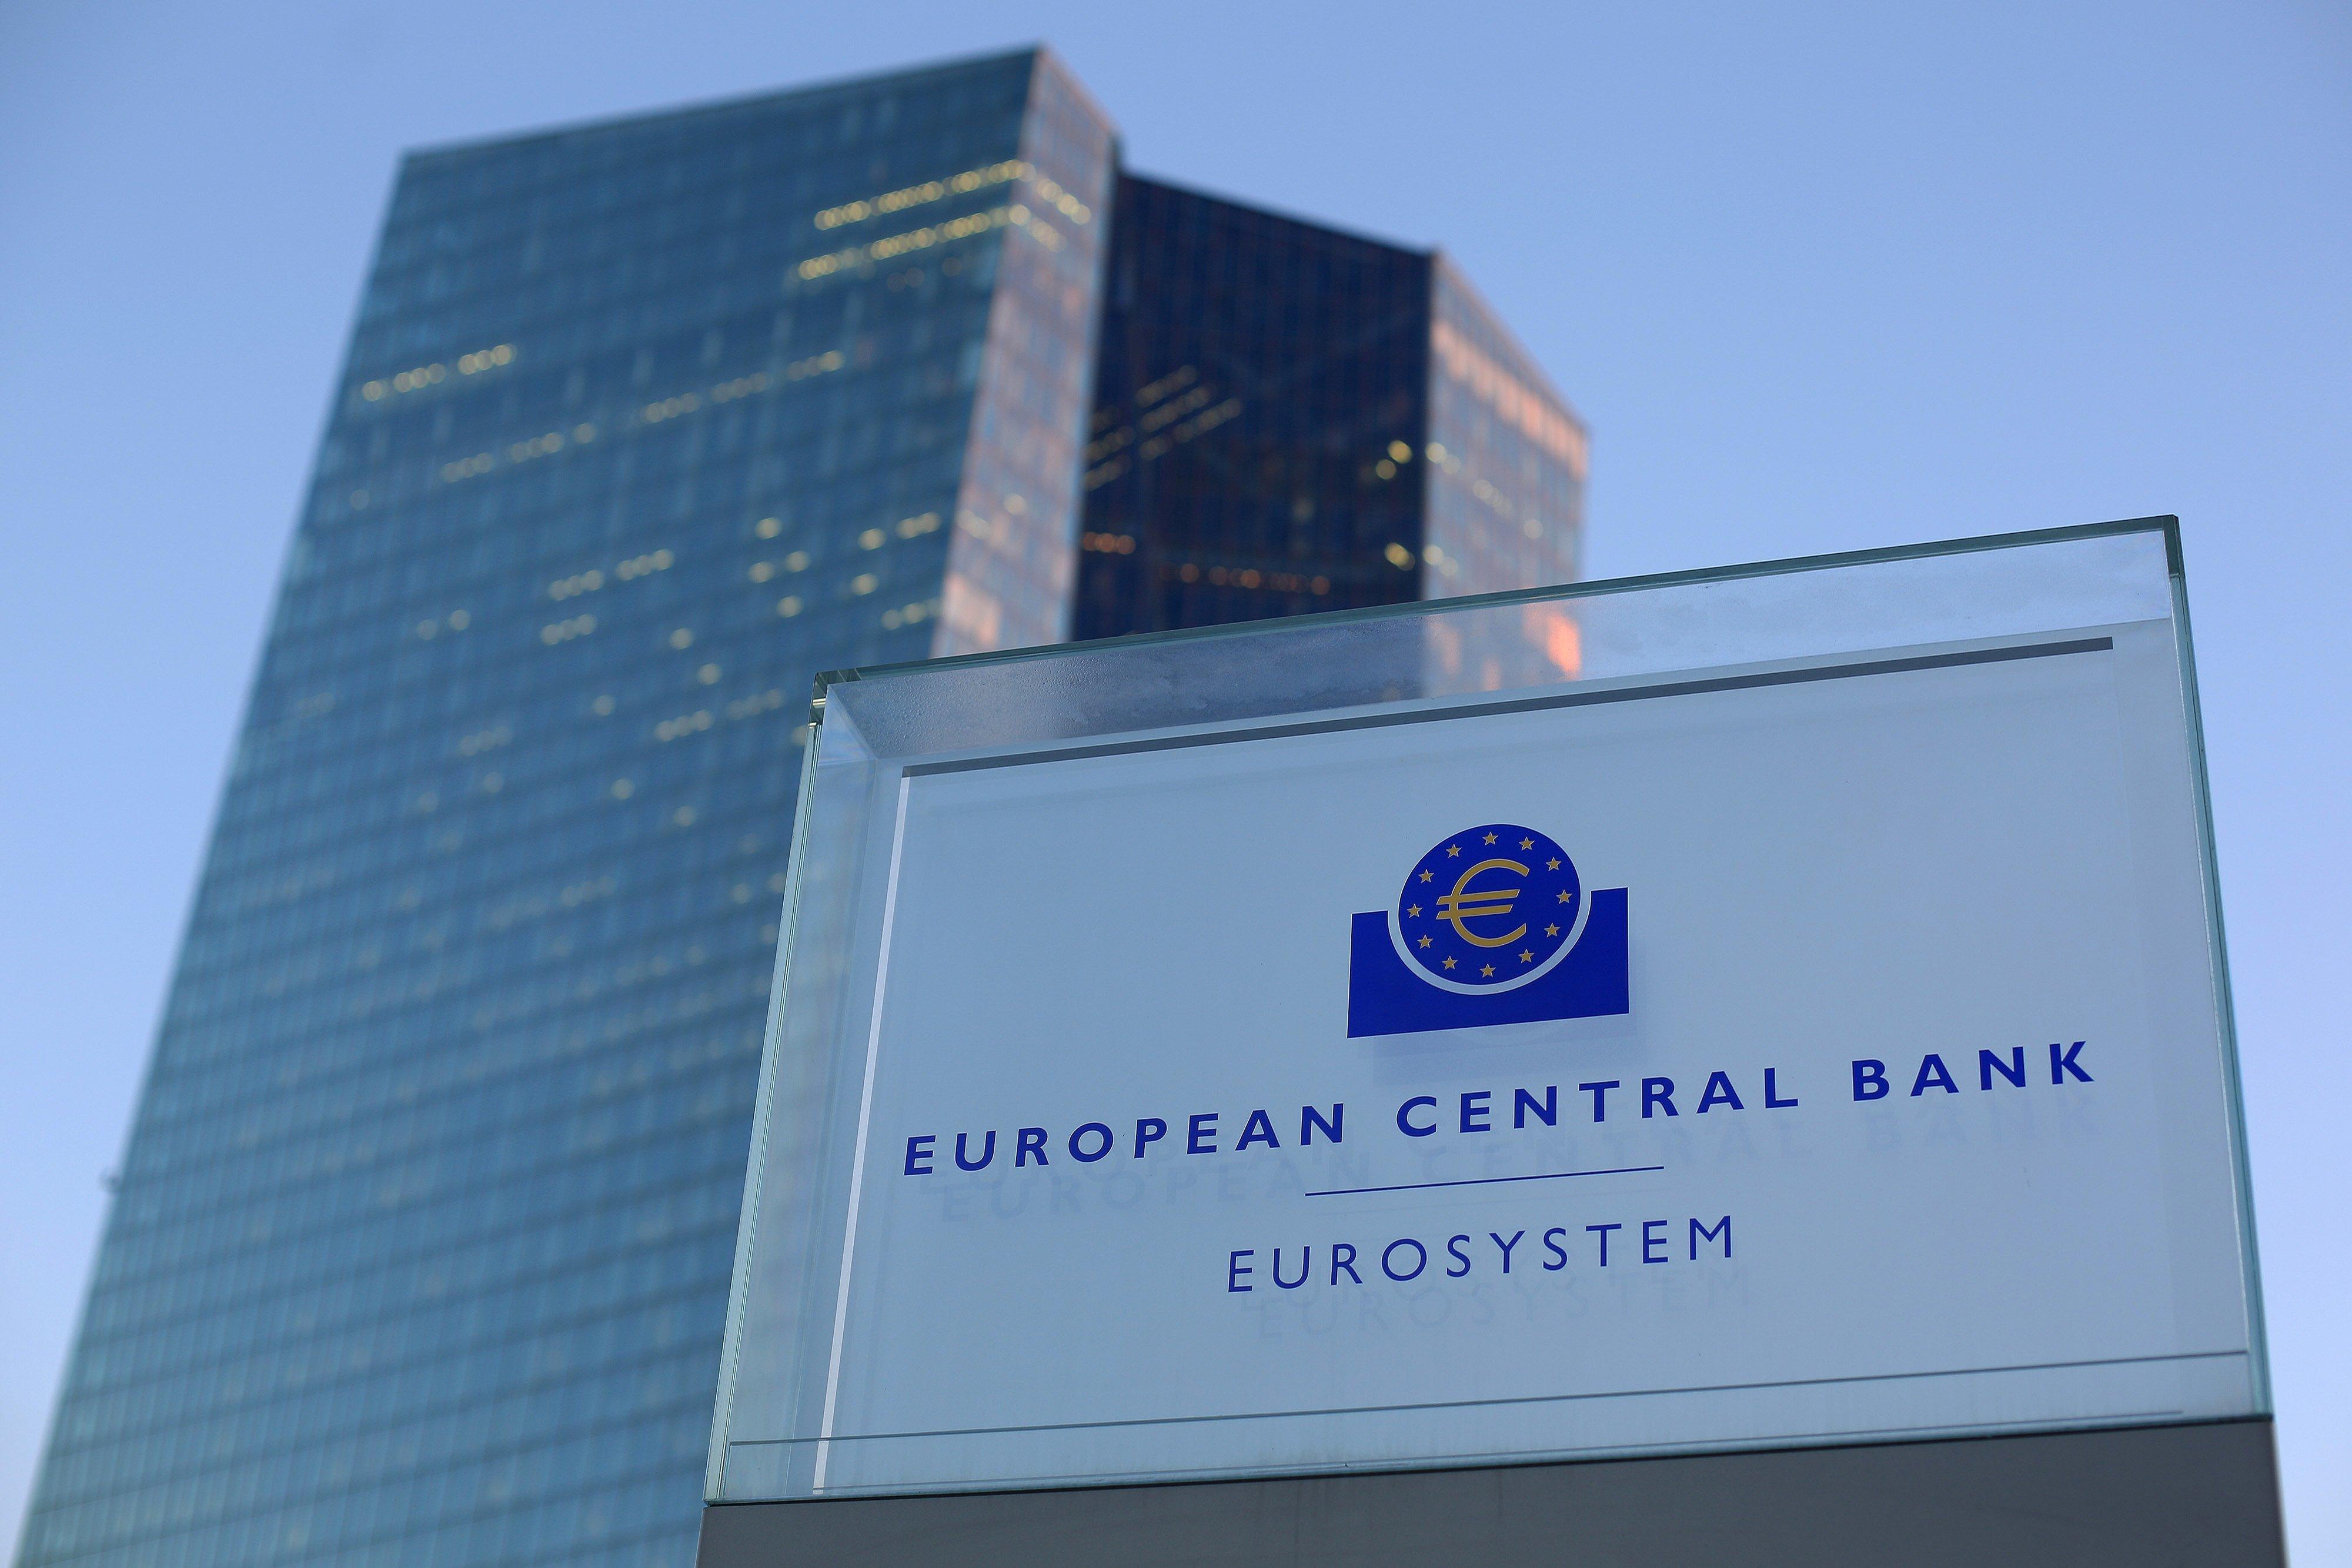 Para alcanzar un potencial beneficioso, es necesario que las monedas estables globales cuenten con un marco regulatorio sólido, destaca el Banco Central Europeo